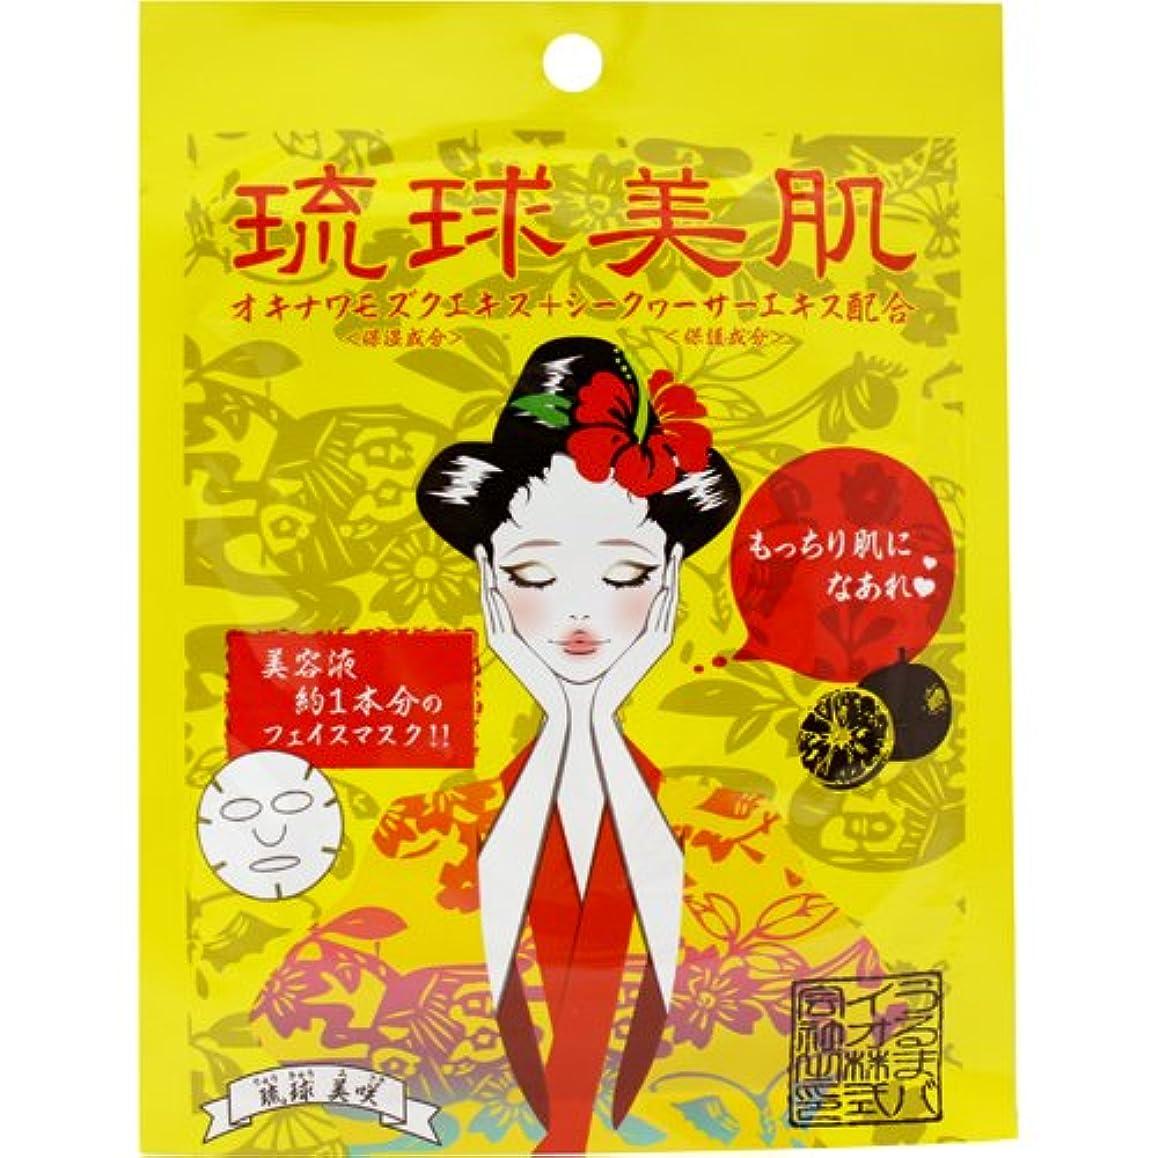 琉球美肌 フェイスマスクシート シークヮーサーの香り 10枚セット